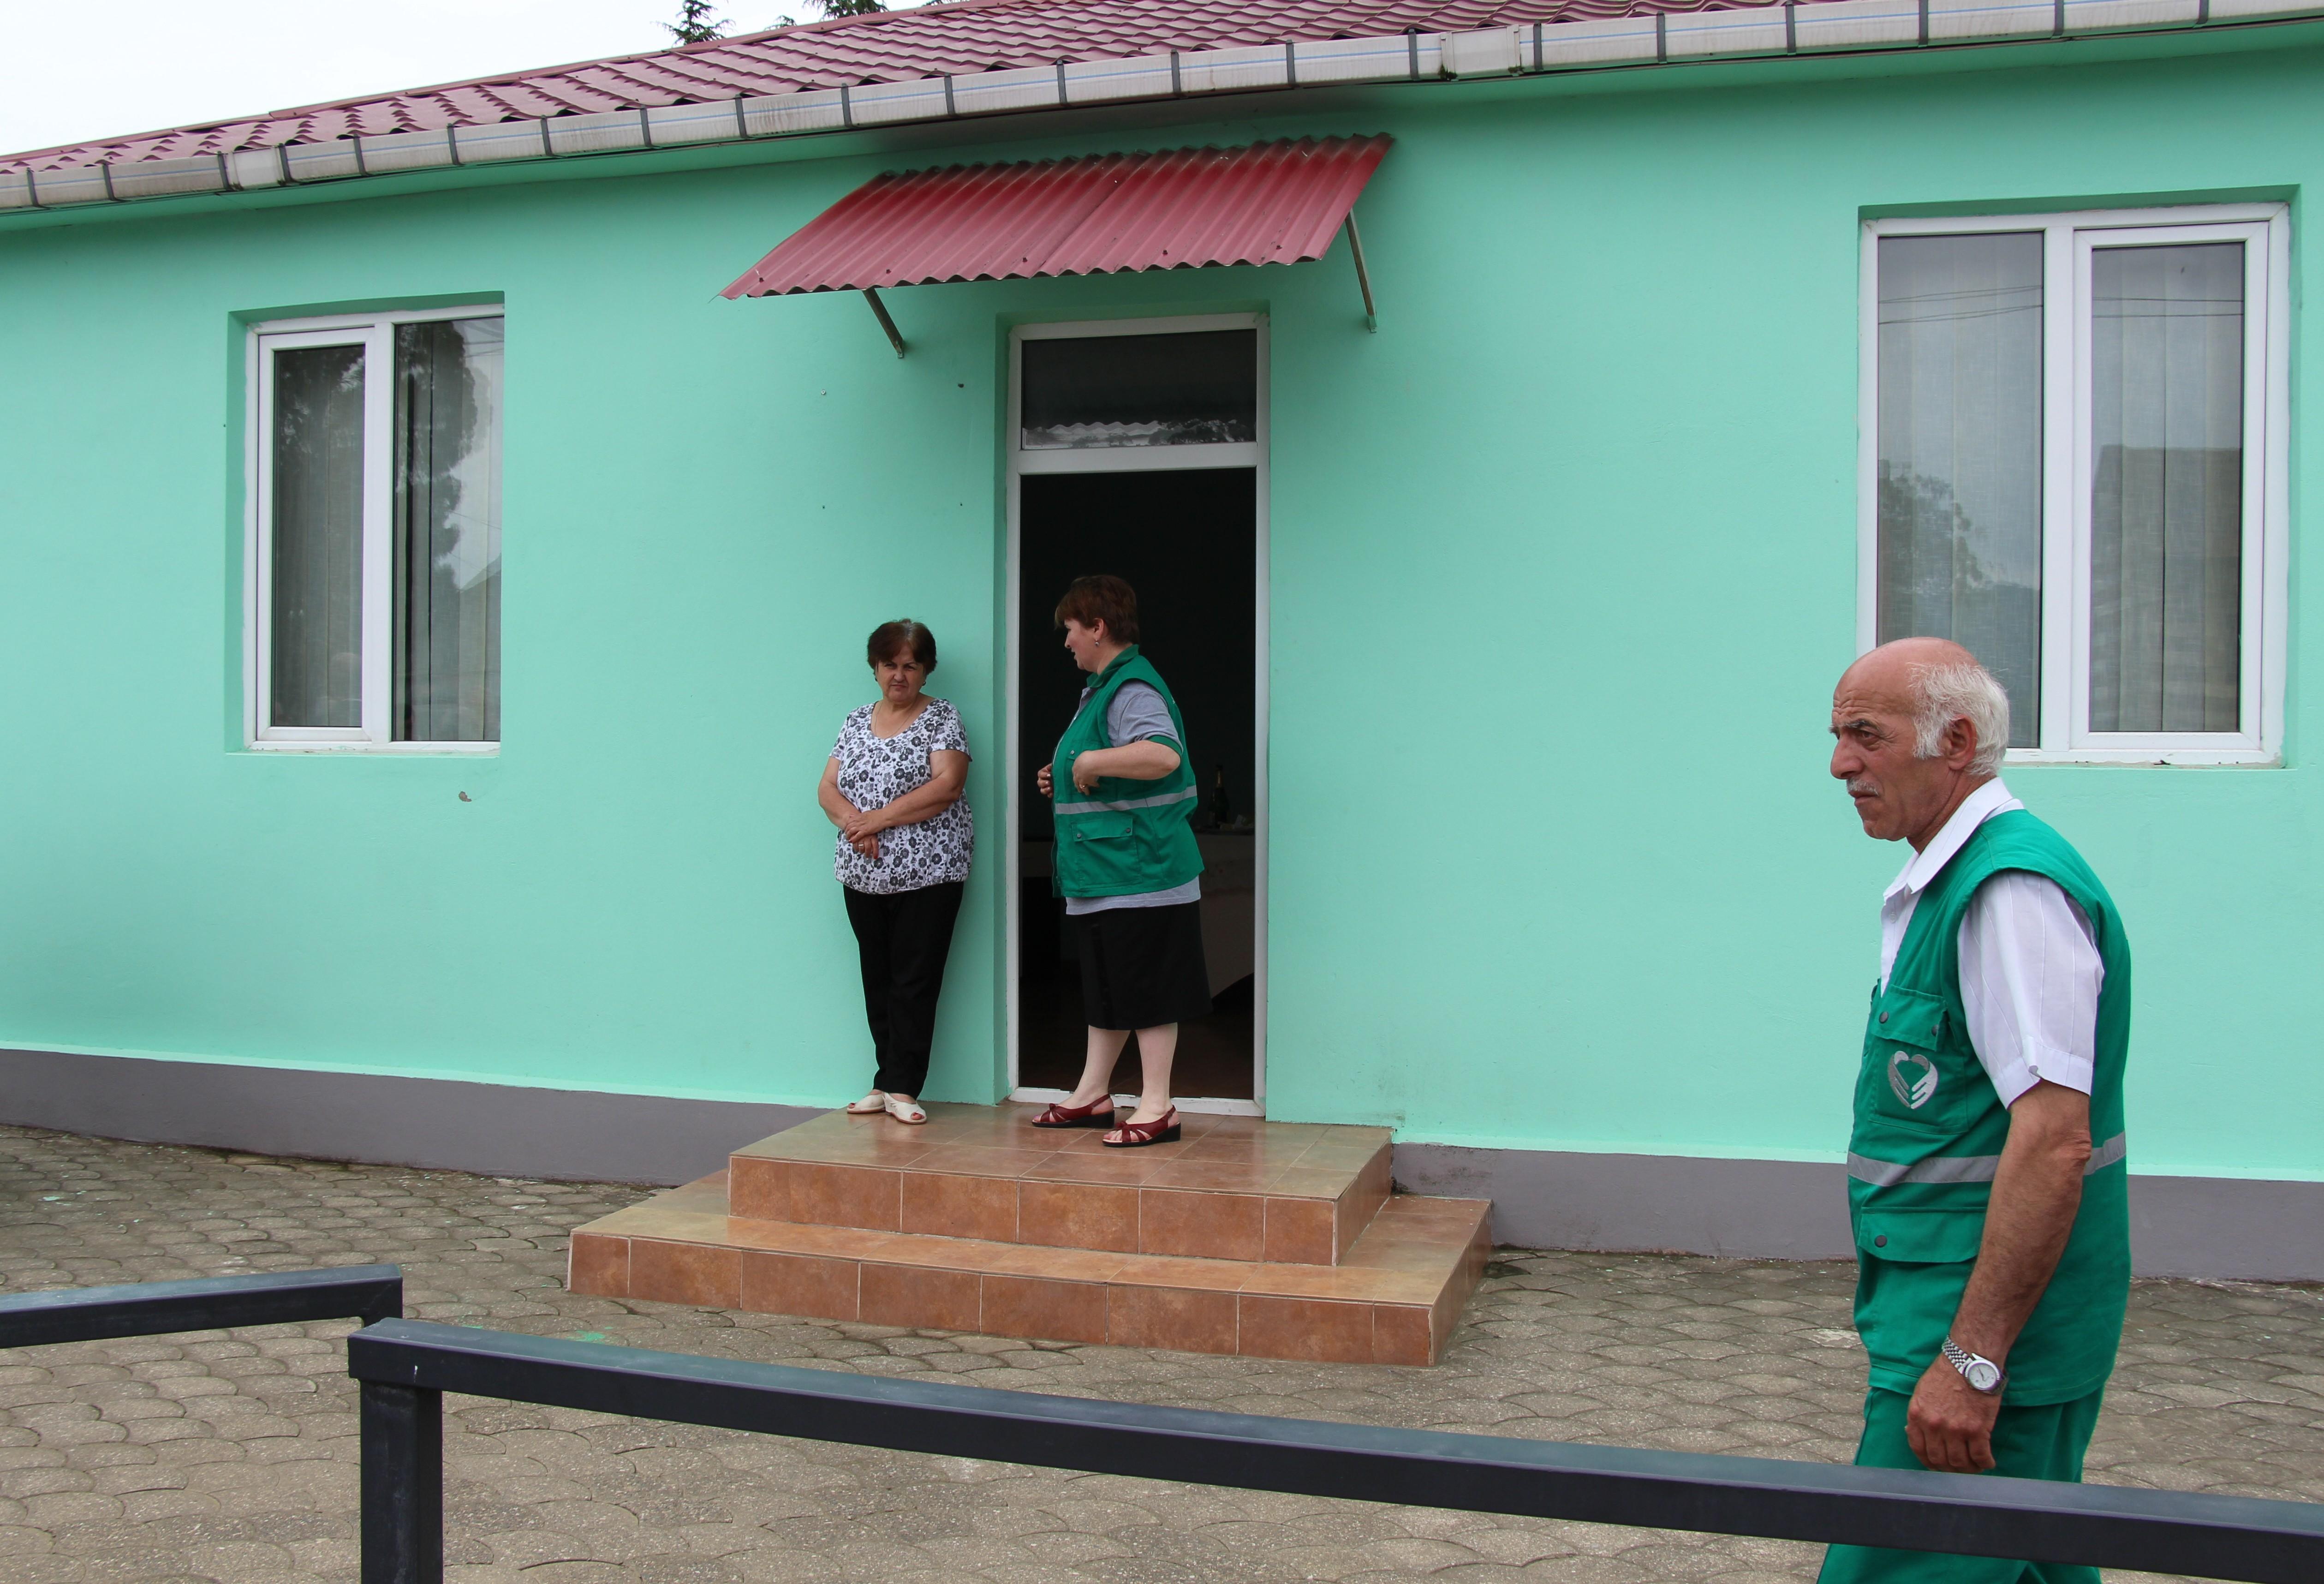 ჩაქვის სასწრაფო სამედიცინო დახმარების ცენტრს ახალი შენობა გადაეცა